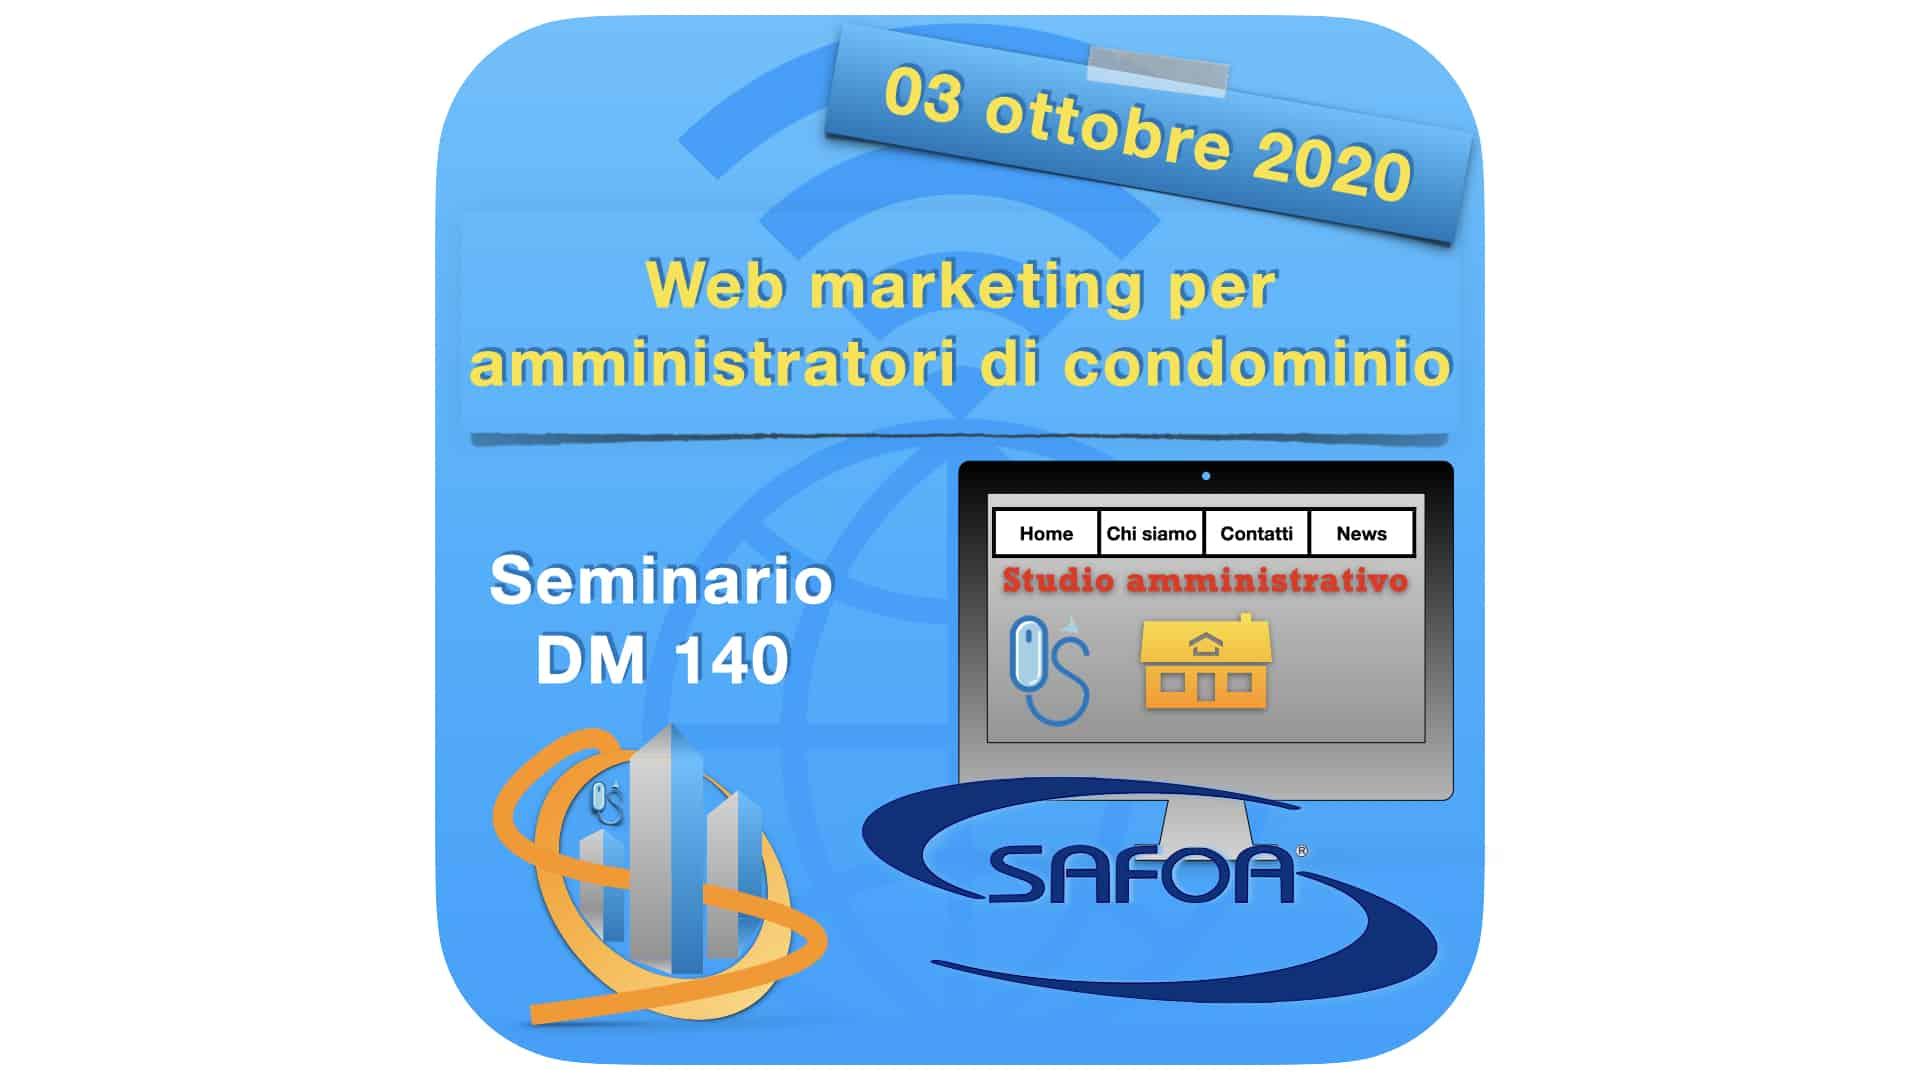 Seminario DM 140 Web marketing per amministratori di condominio